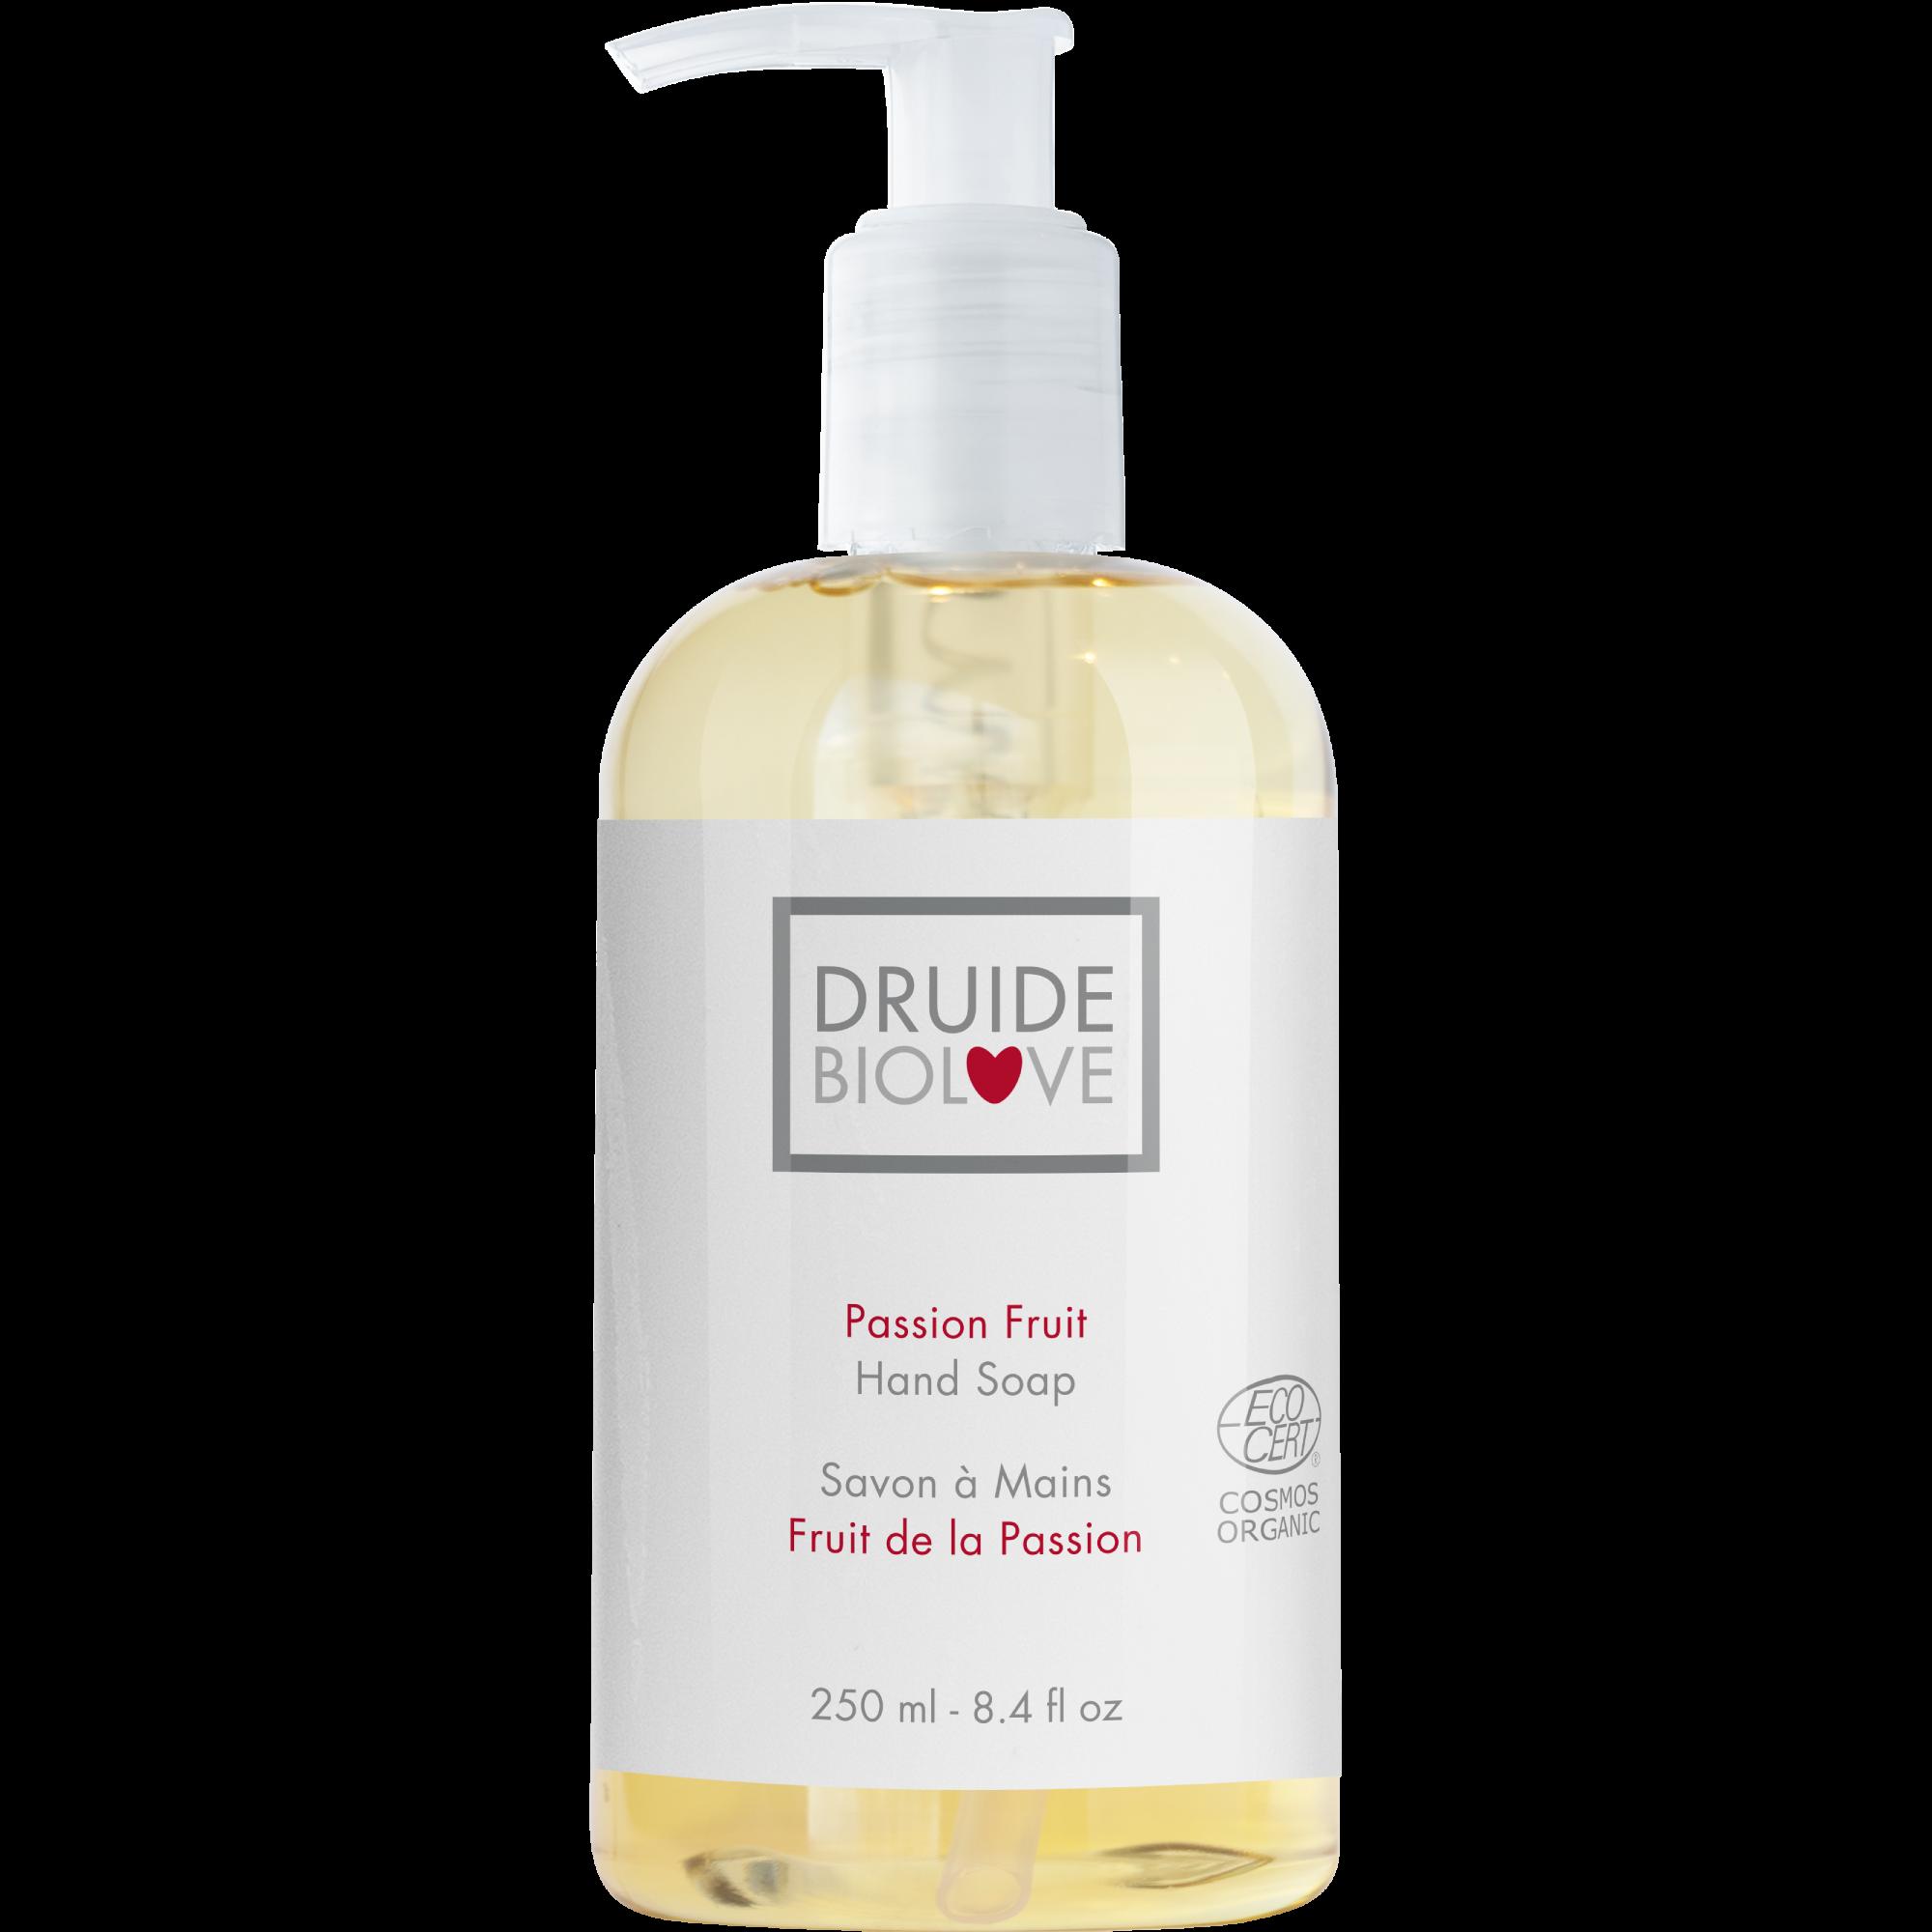 Druide Forfait nettoyant antiseptique n ° 2 (fruit de la passion)